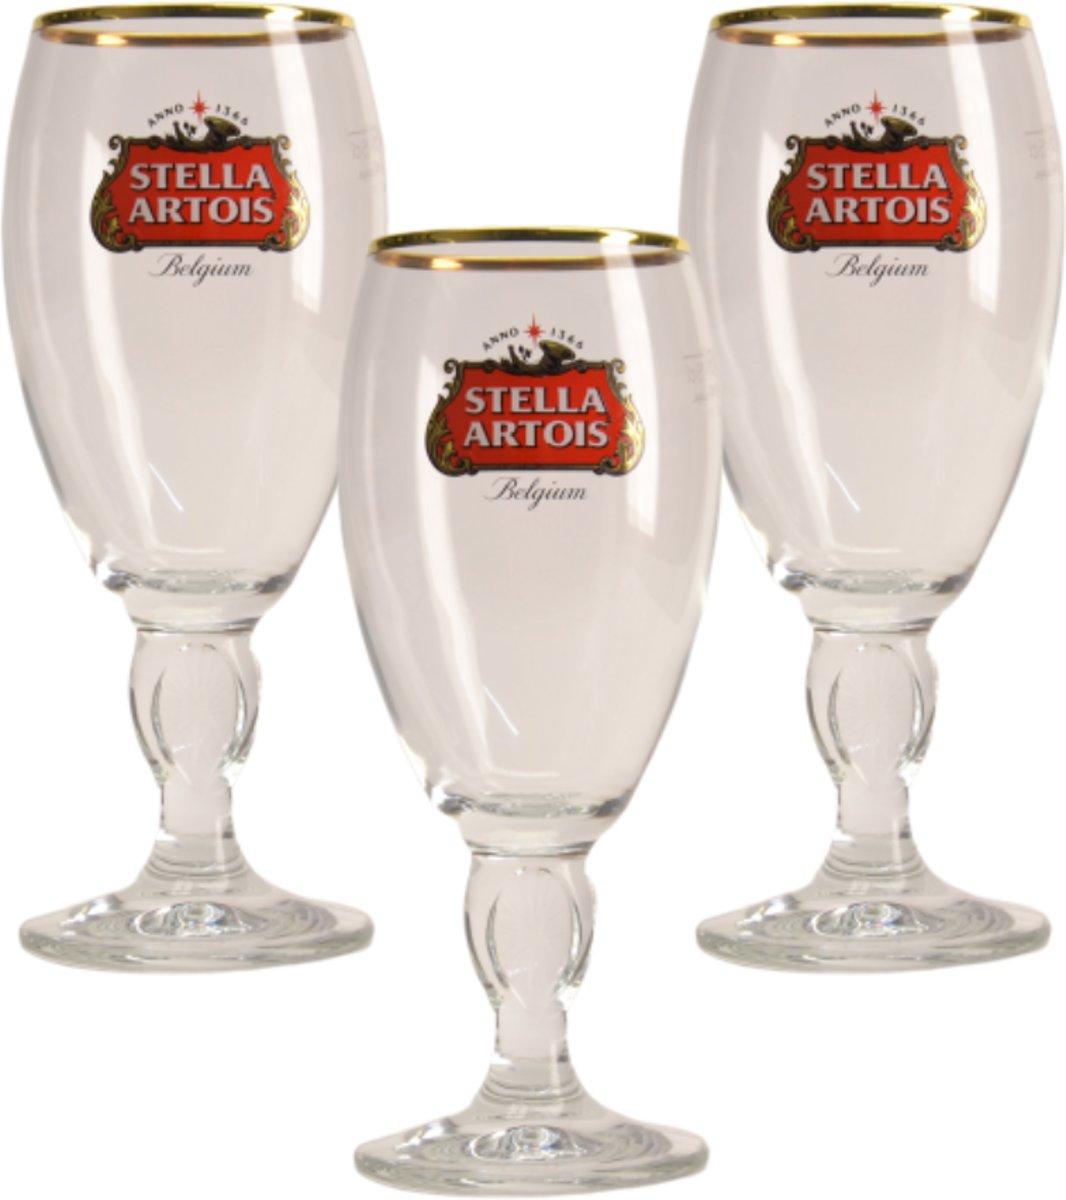 Stella Artois op voet Bierglas - 25cl (Set van 3)